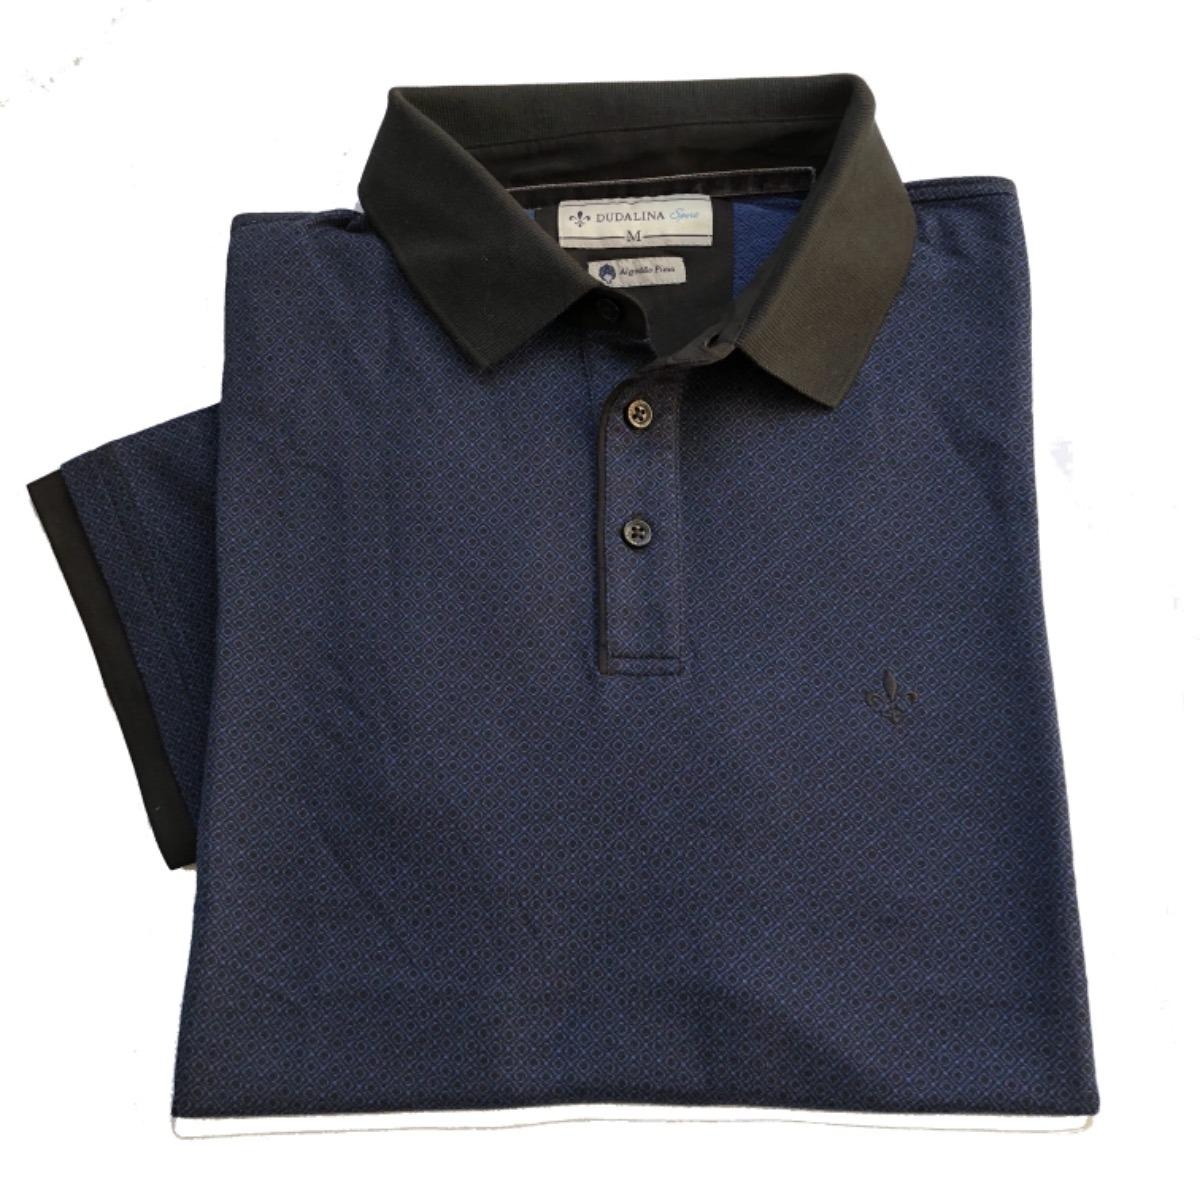 camisa polo dudalina sport pima cotton várias cores. Carregando zoom. 9d702a34f7960